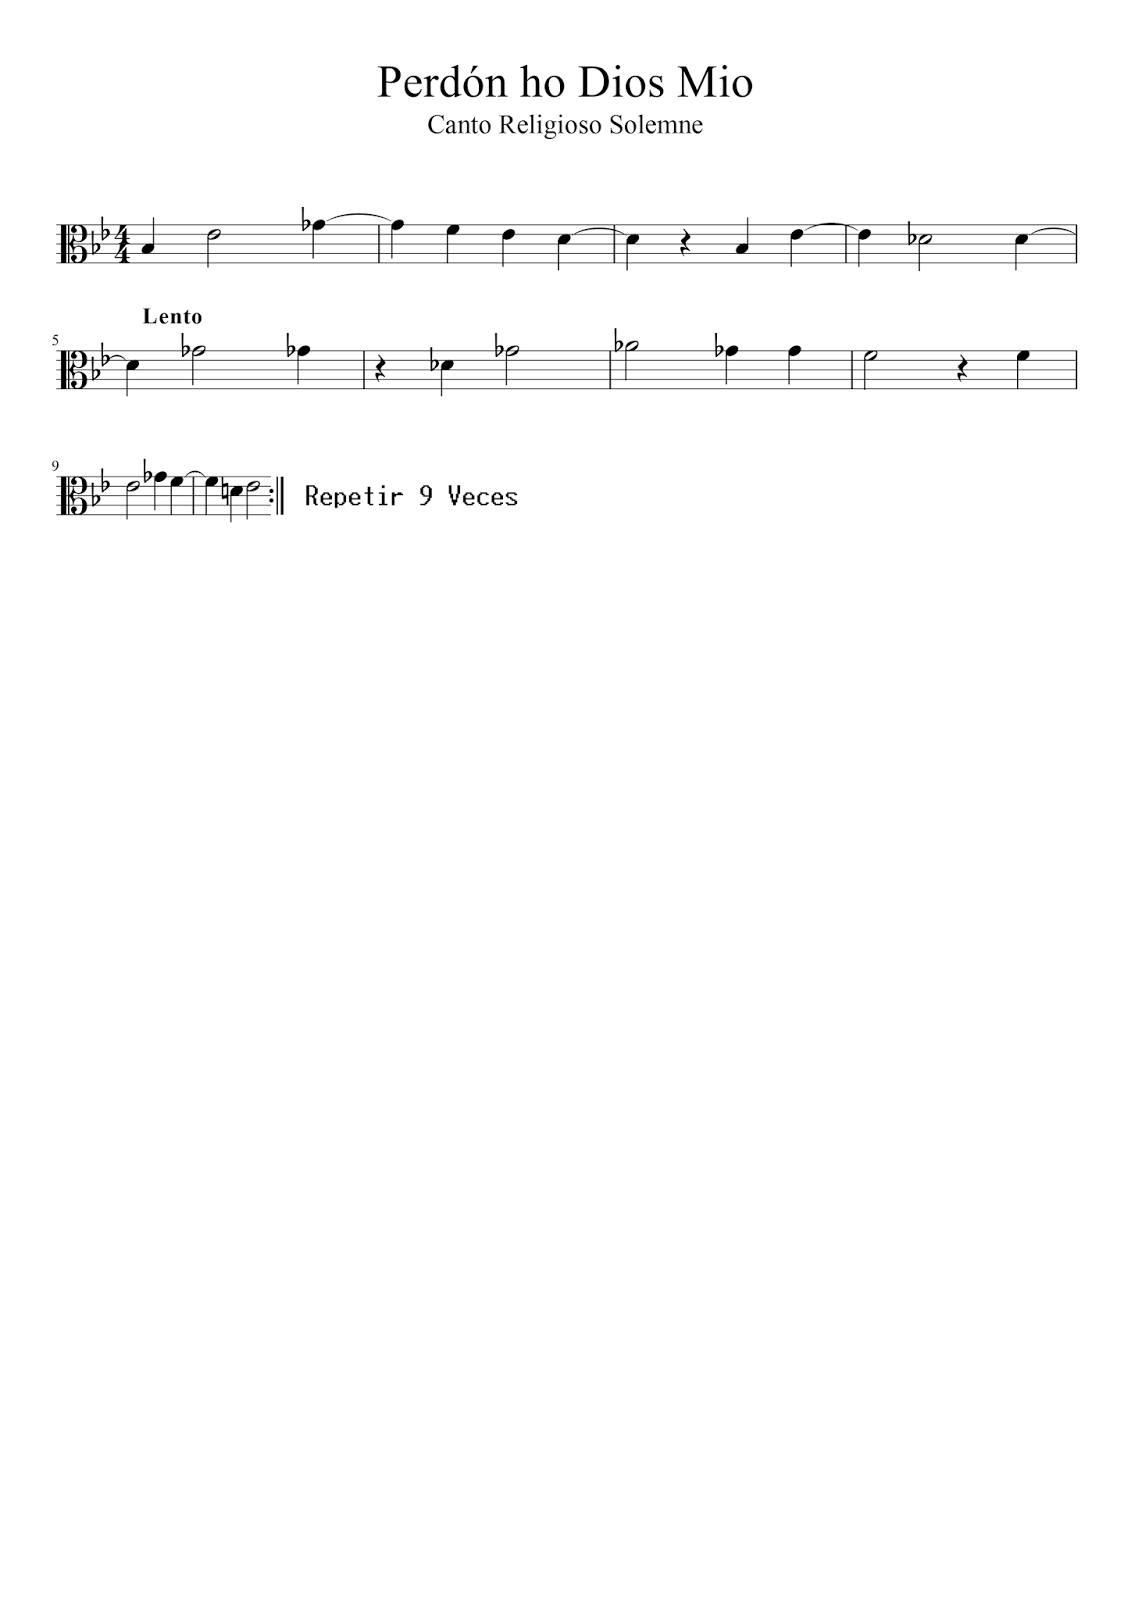 Perdón Ho Dios Mio Partitura en Clave de Do para Viola  Segunda Voz